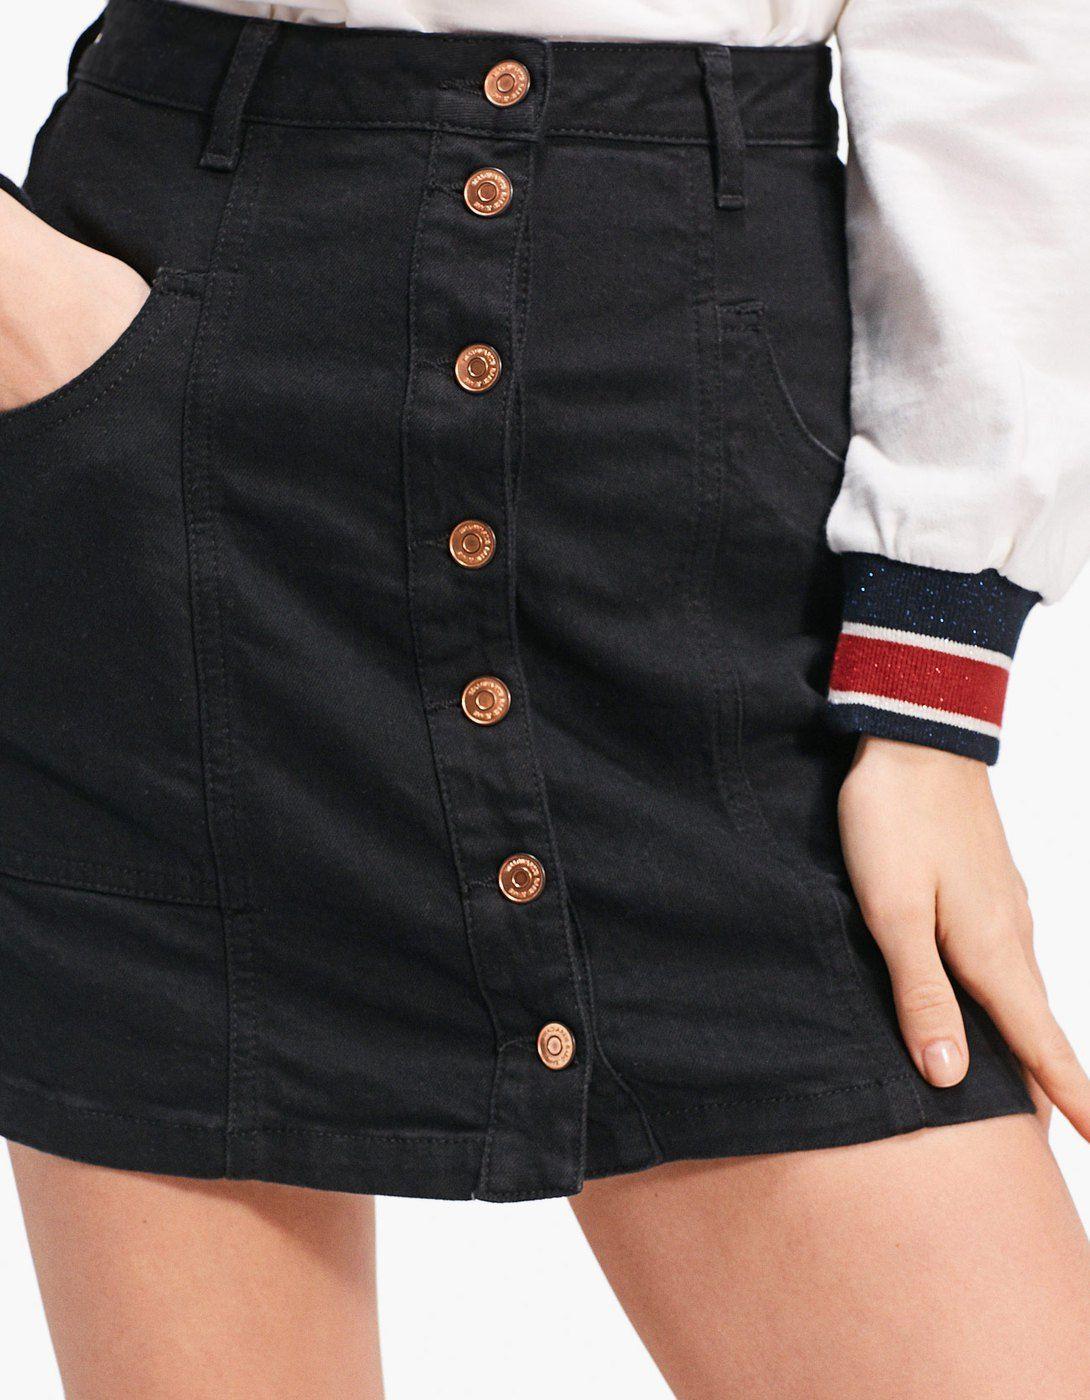 Τζιν φούστα με κουμπιά - Φουστες  78c407cc45b